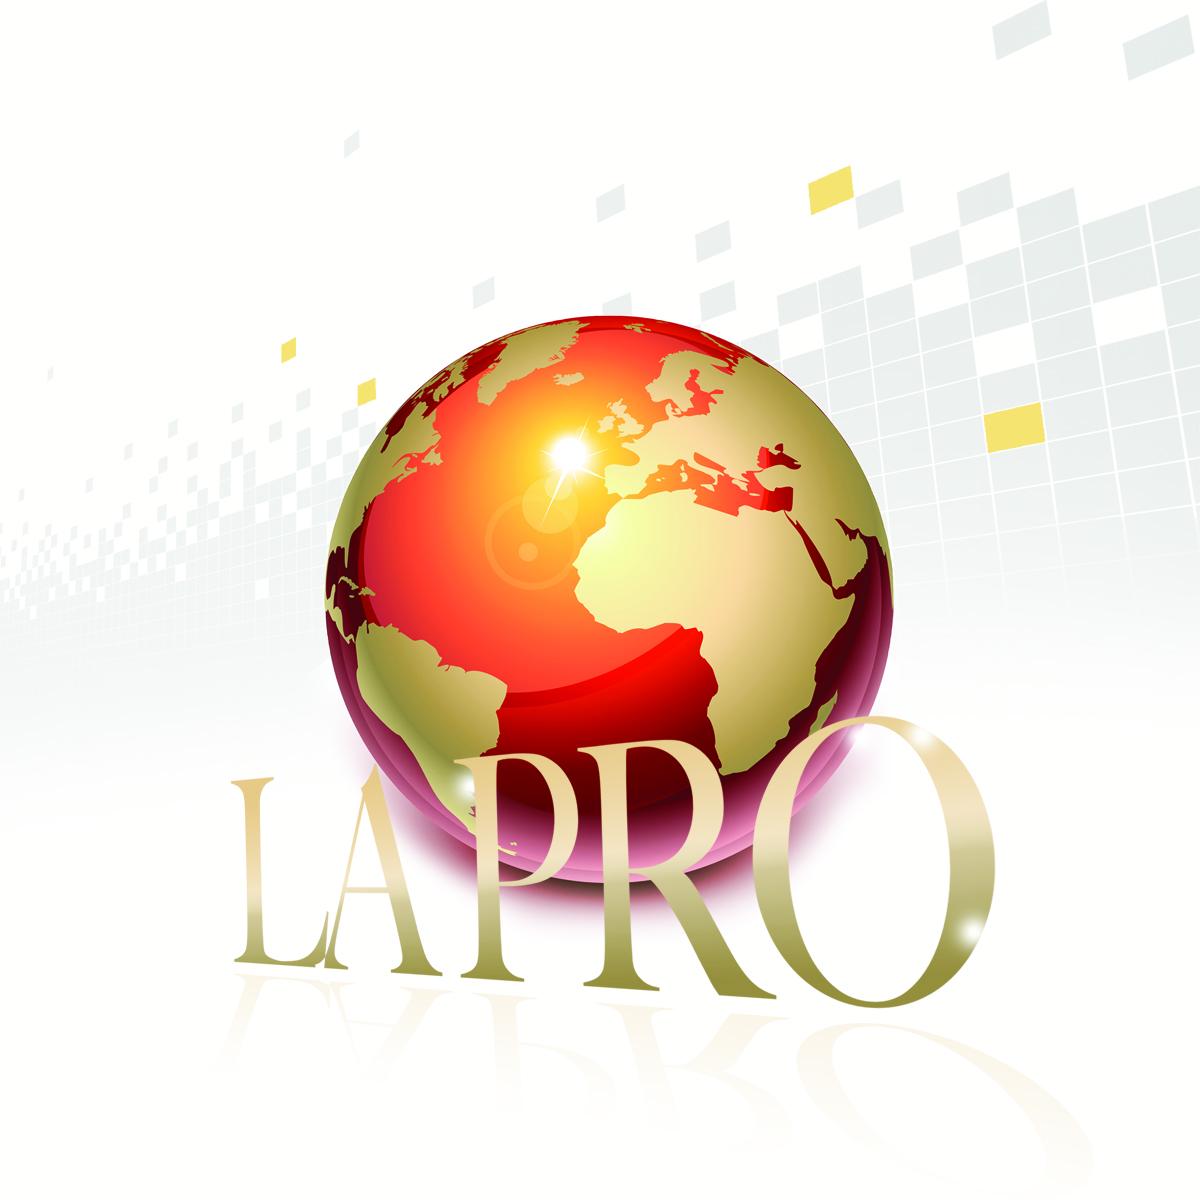 La pro logo gold 2